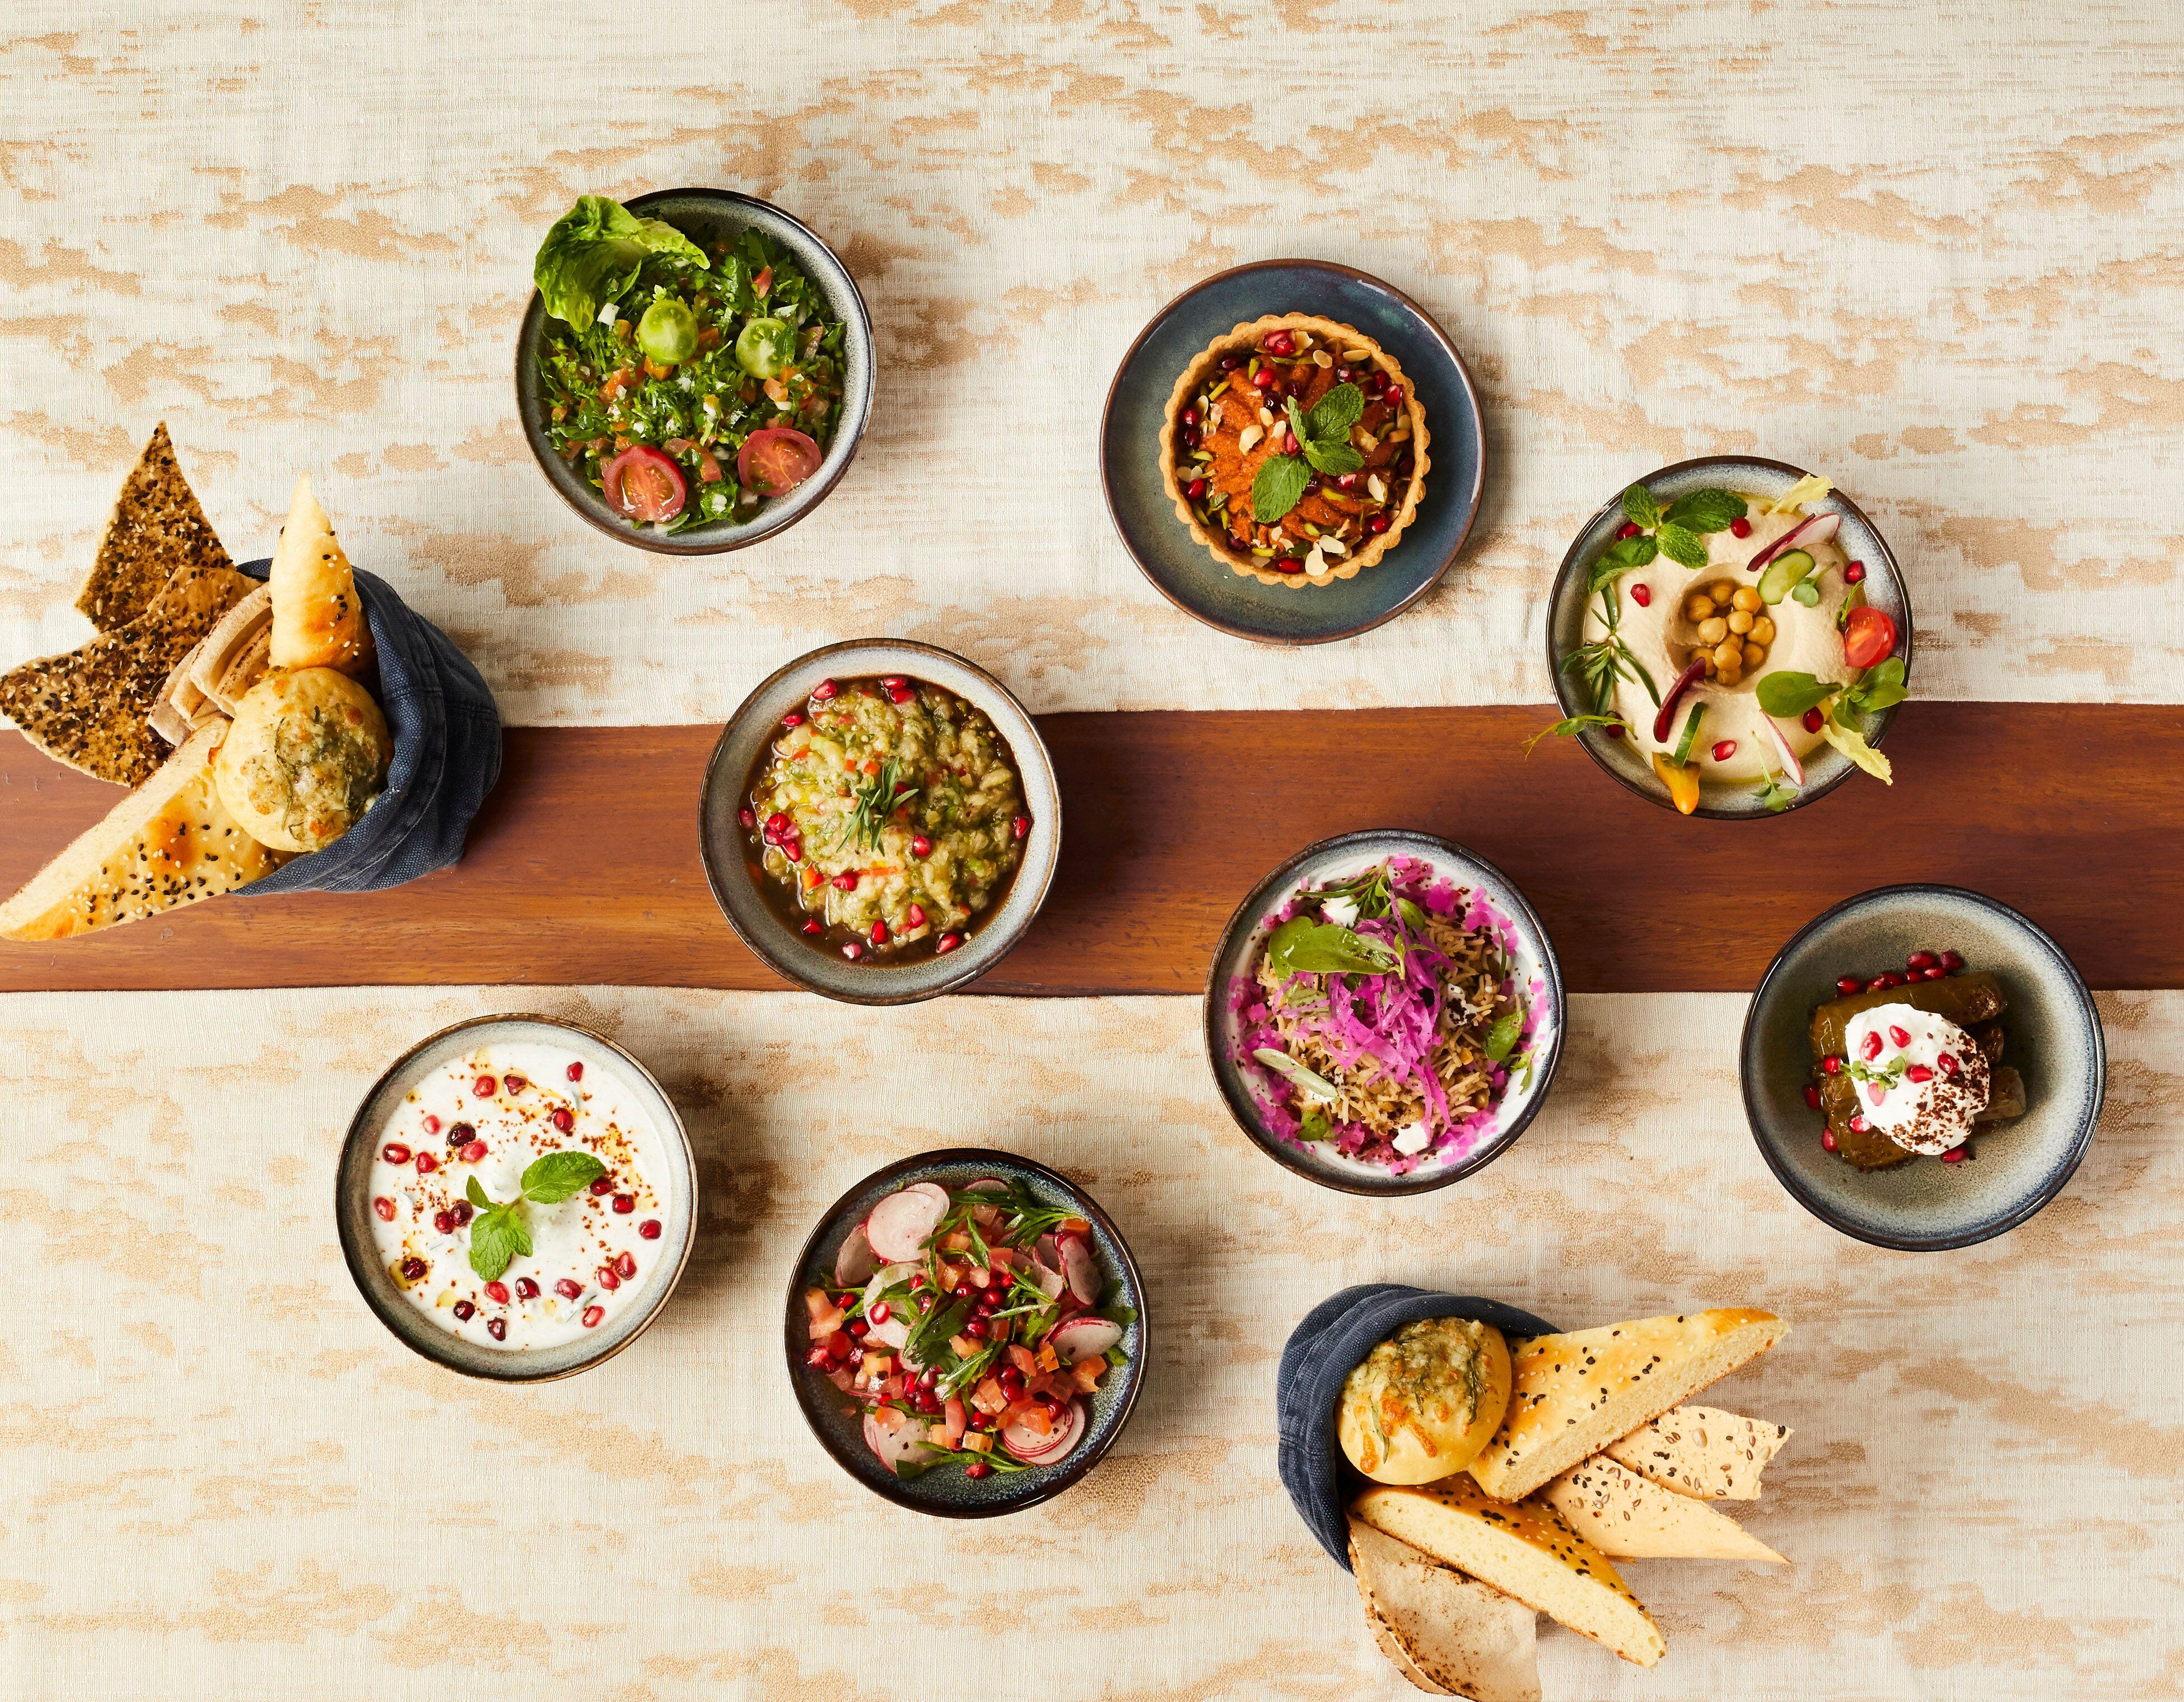 مطعم شيفال يحتفي بشهر رمضان المبارك بعروض طعام مميزة